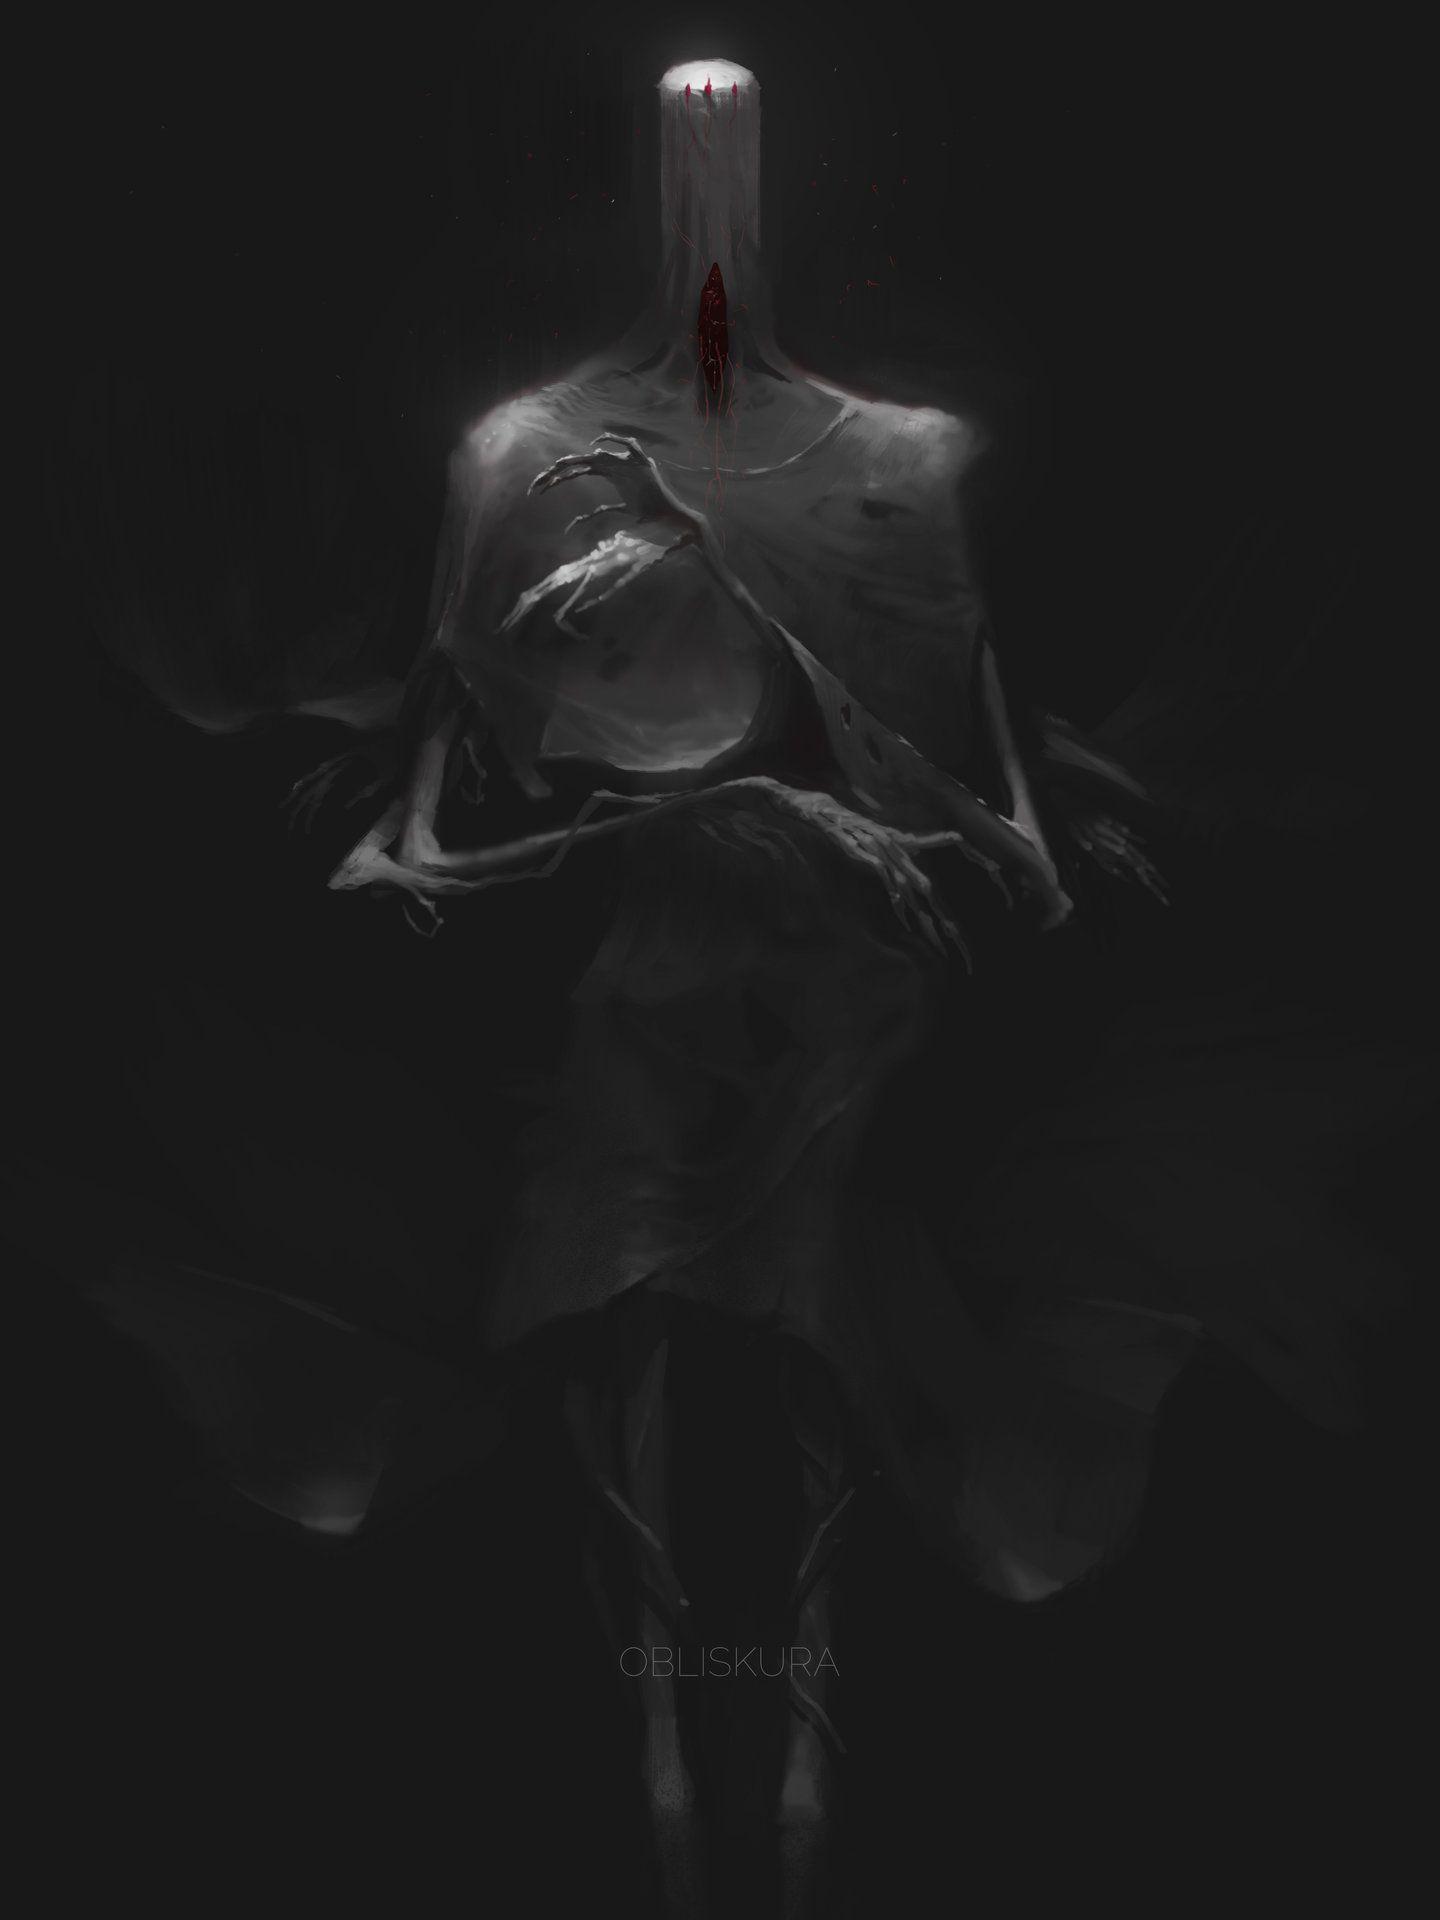 ArtStation - The Walker, Alex Konstad